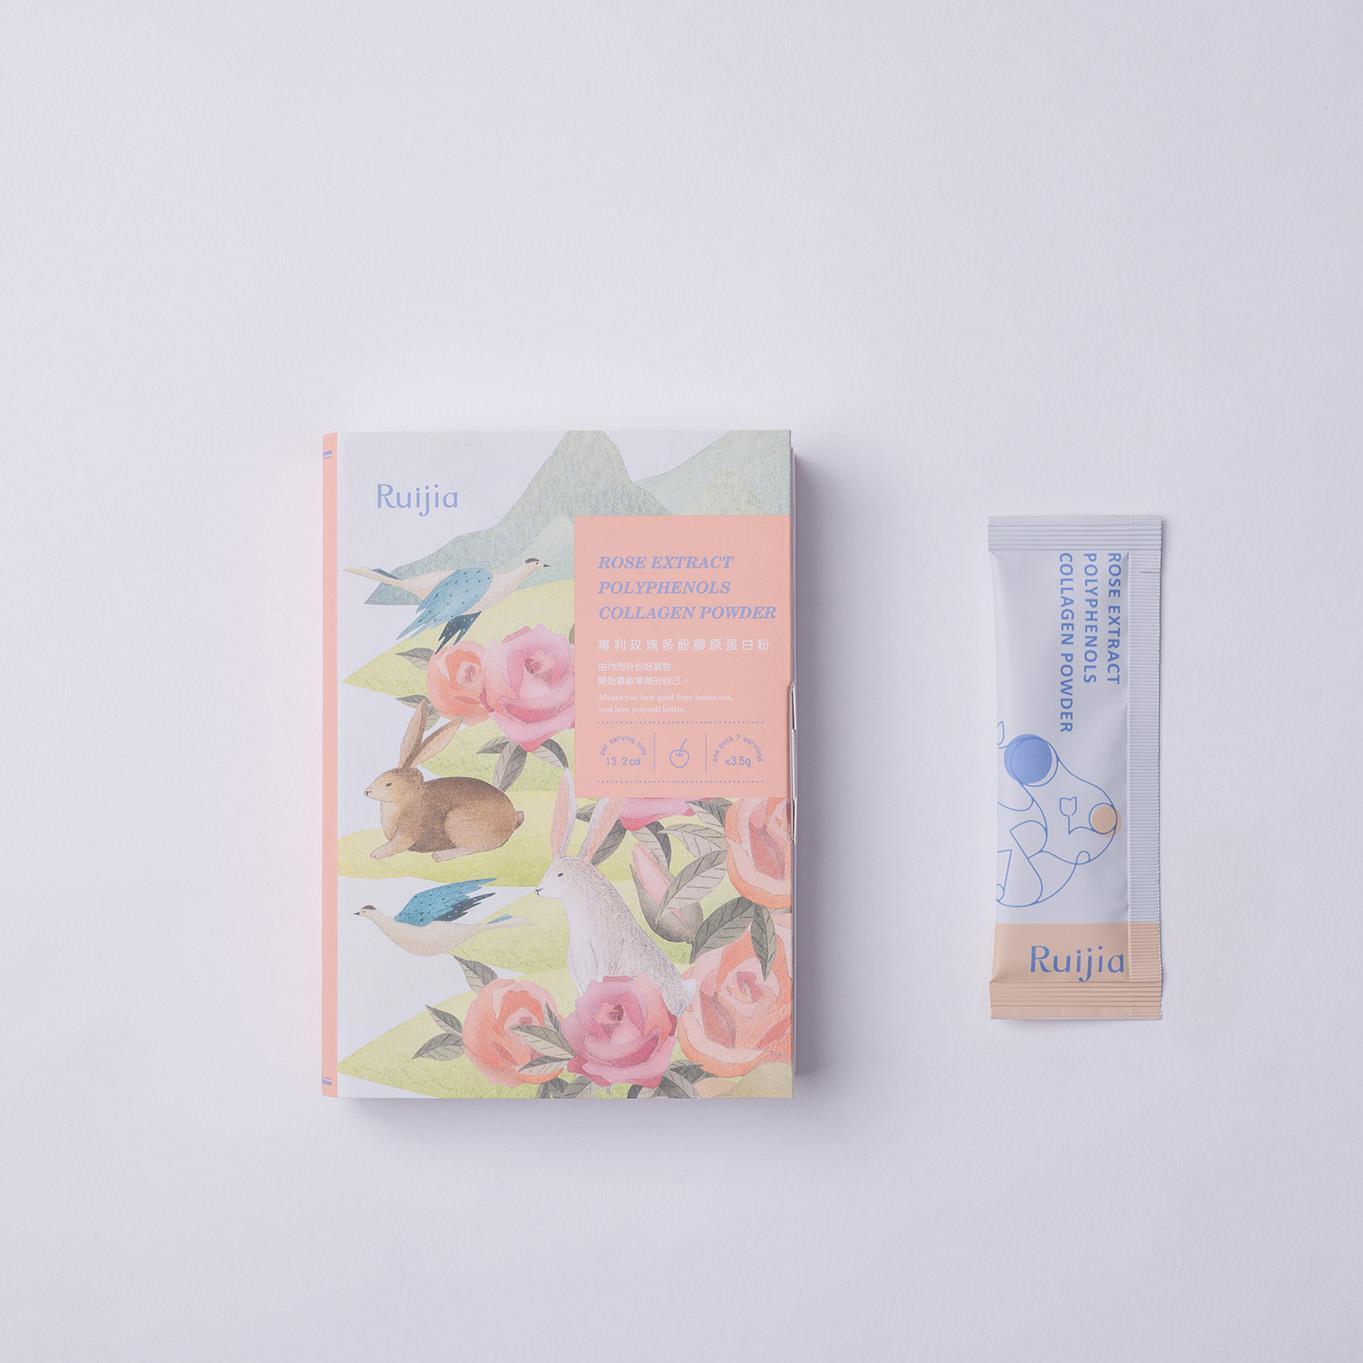 專利玫瑰多酚膠原蛋白粉(7日份) Rose Extract Polyphenols Collagen Powder